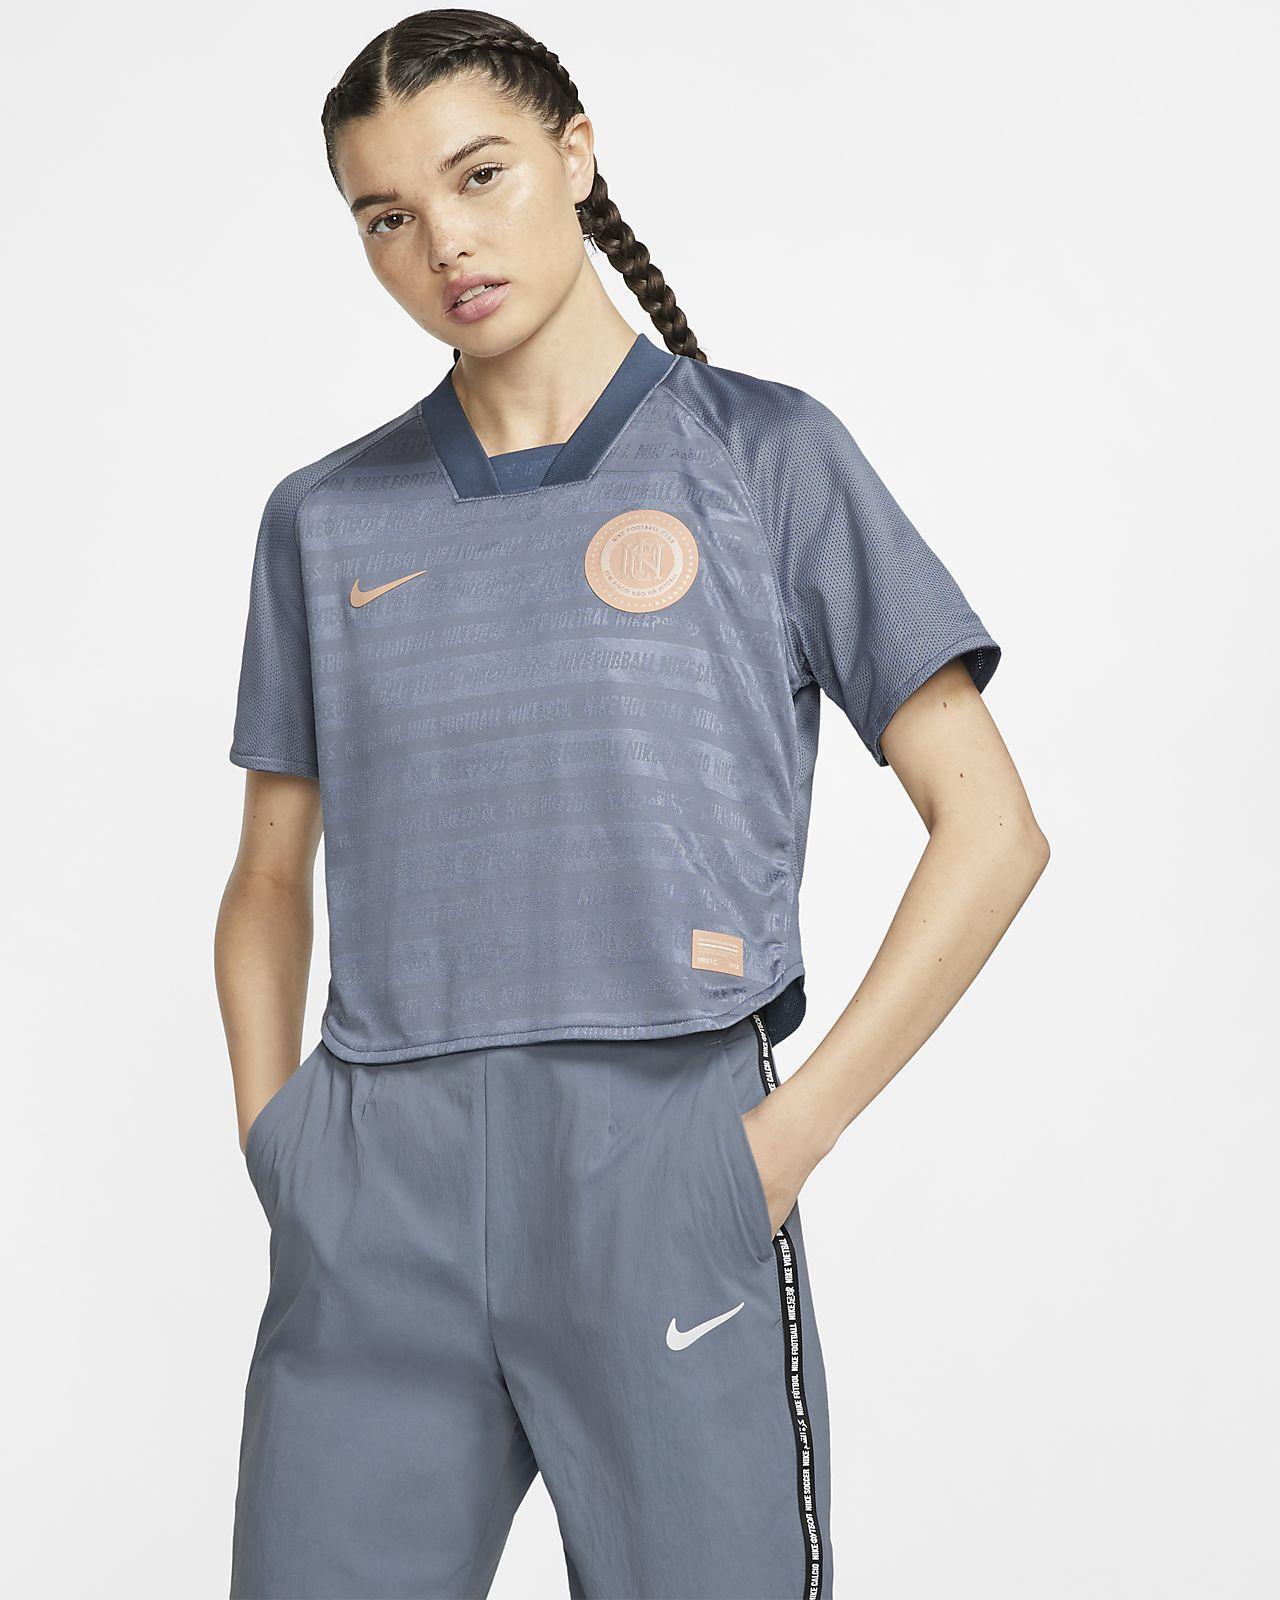 Nike F.C. Dri-FIT Voetbaltop met korte mouwen voor dames